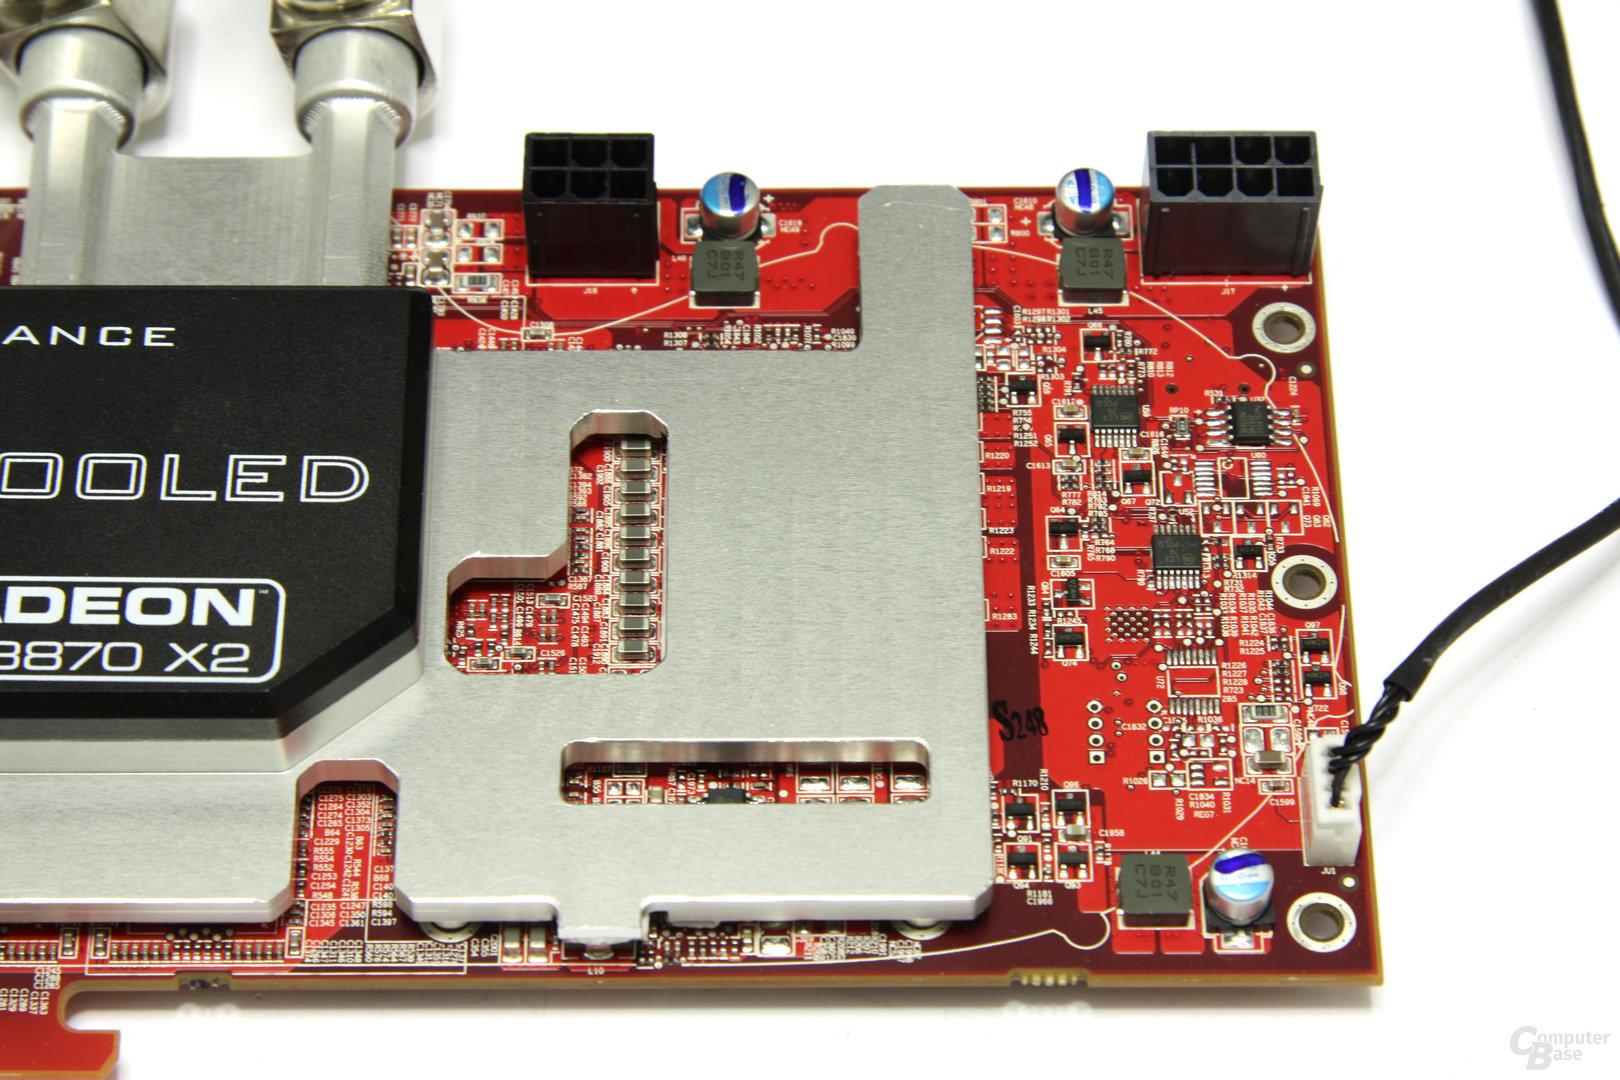 Radeon HD 3870 X2 Atomic Stromanschlüsse